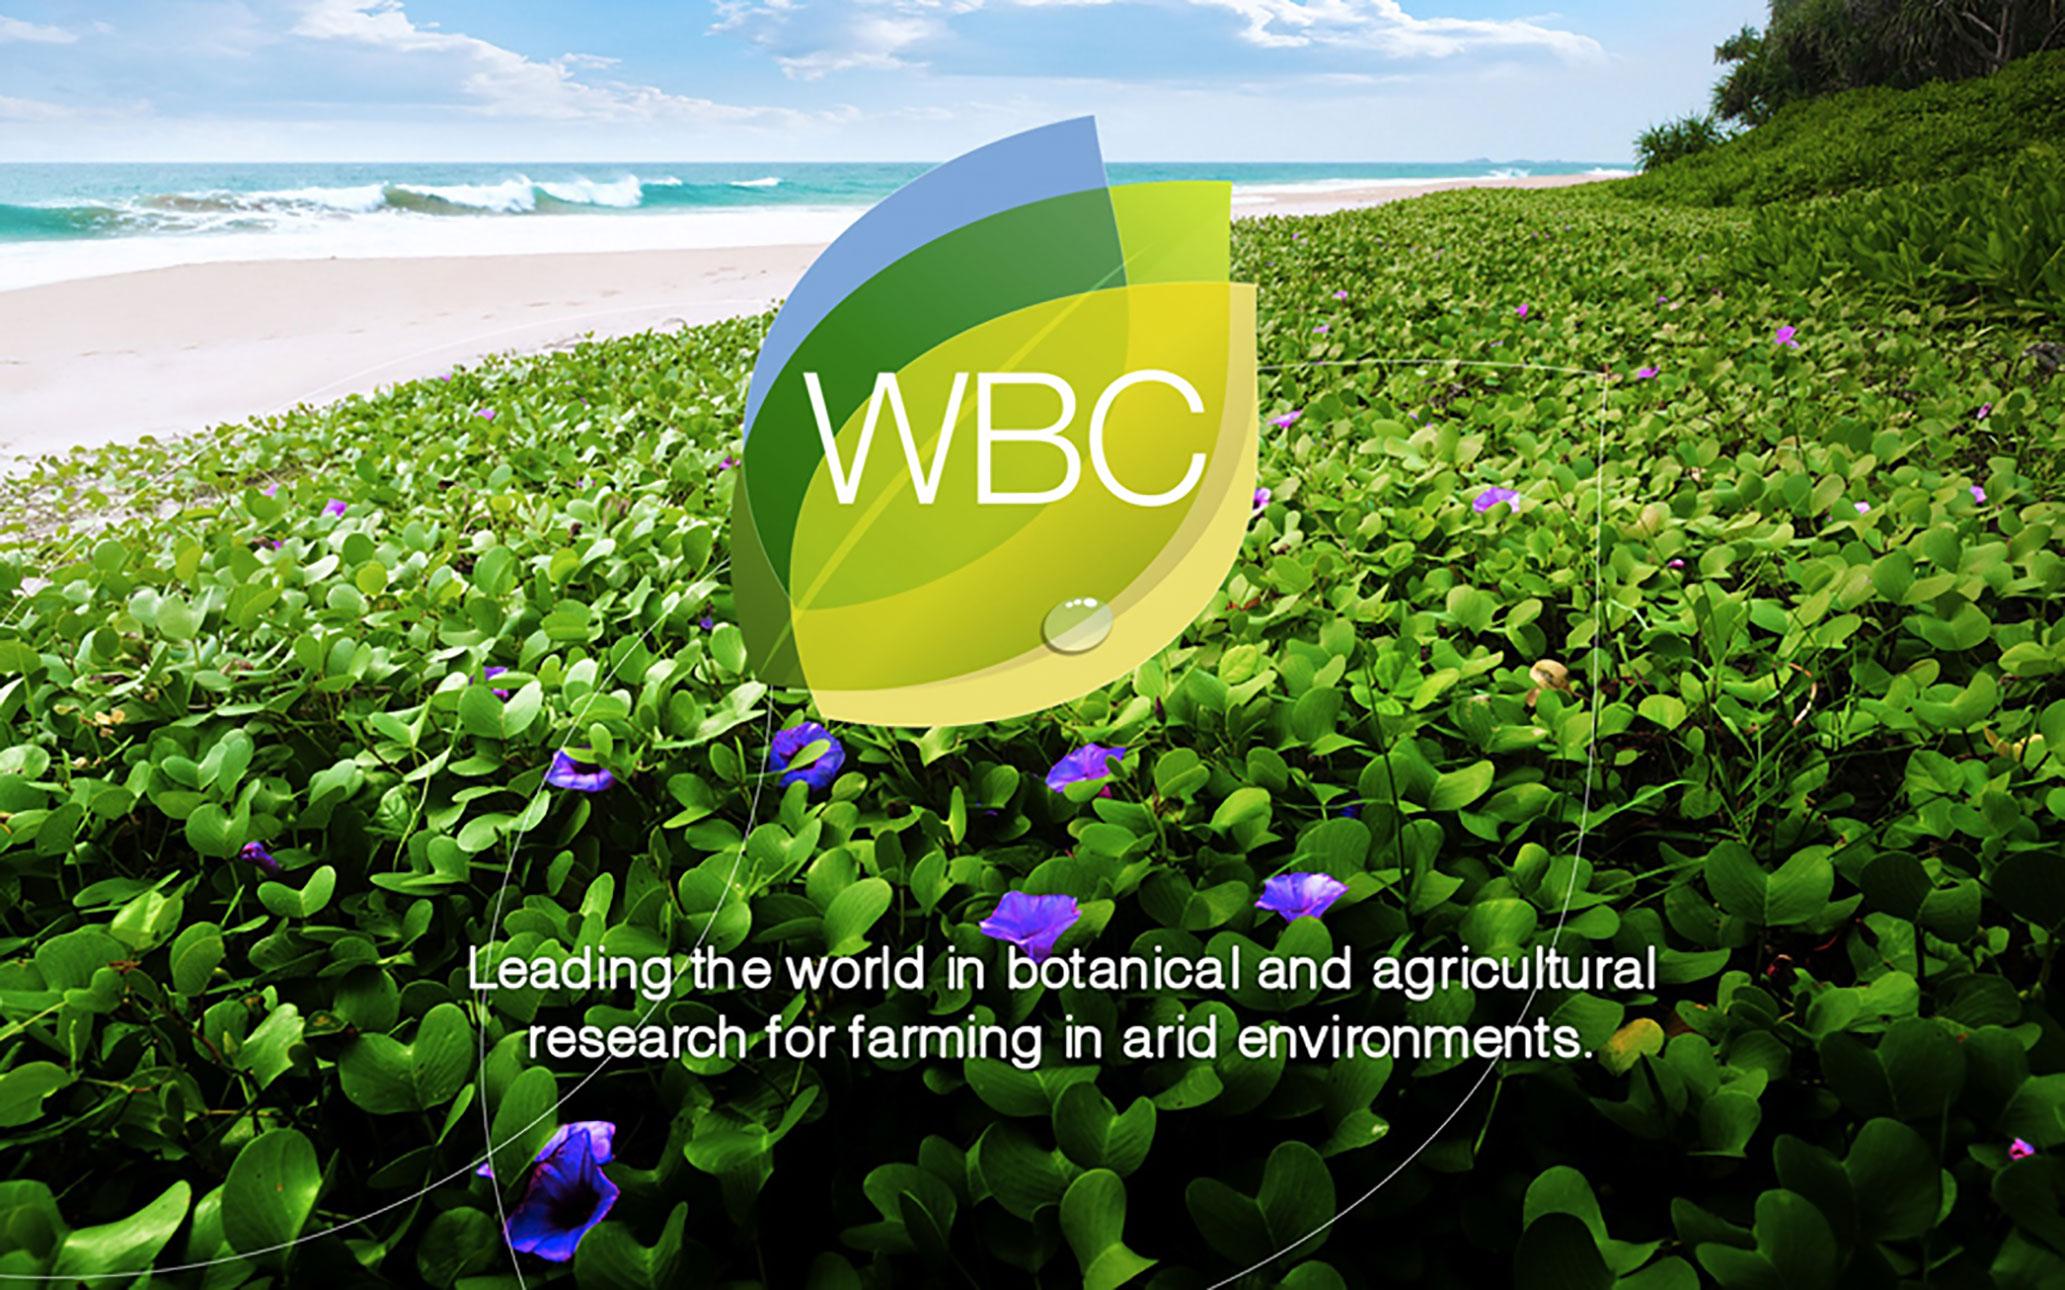 WBC_02